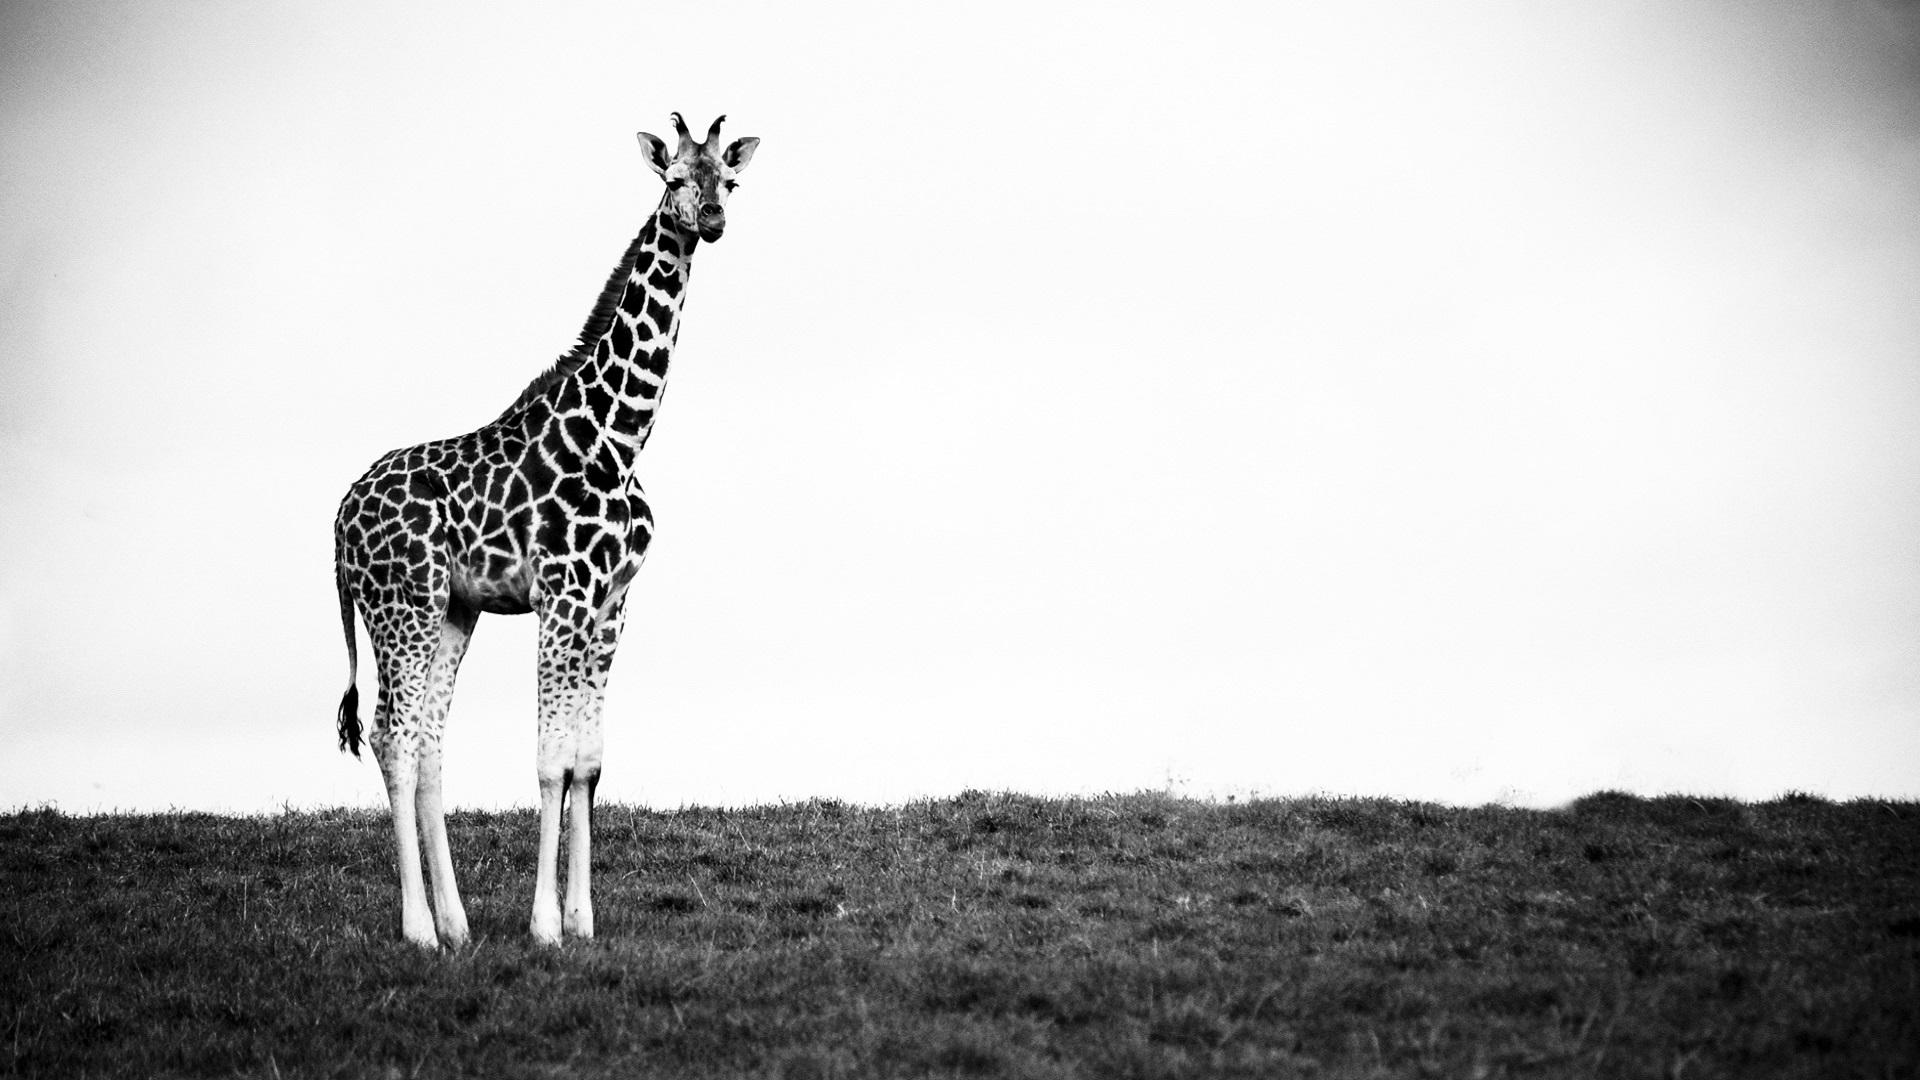 Black and White Giraffe Wallpaper 2066 1920x1080   uMadcom 1920x1080